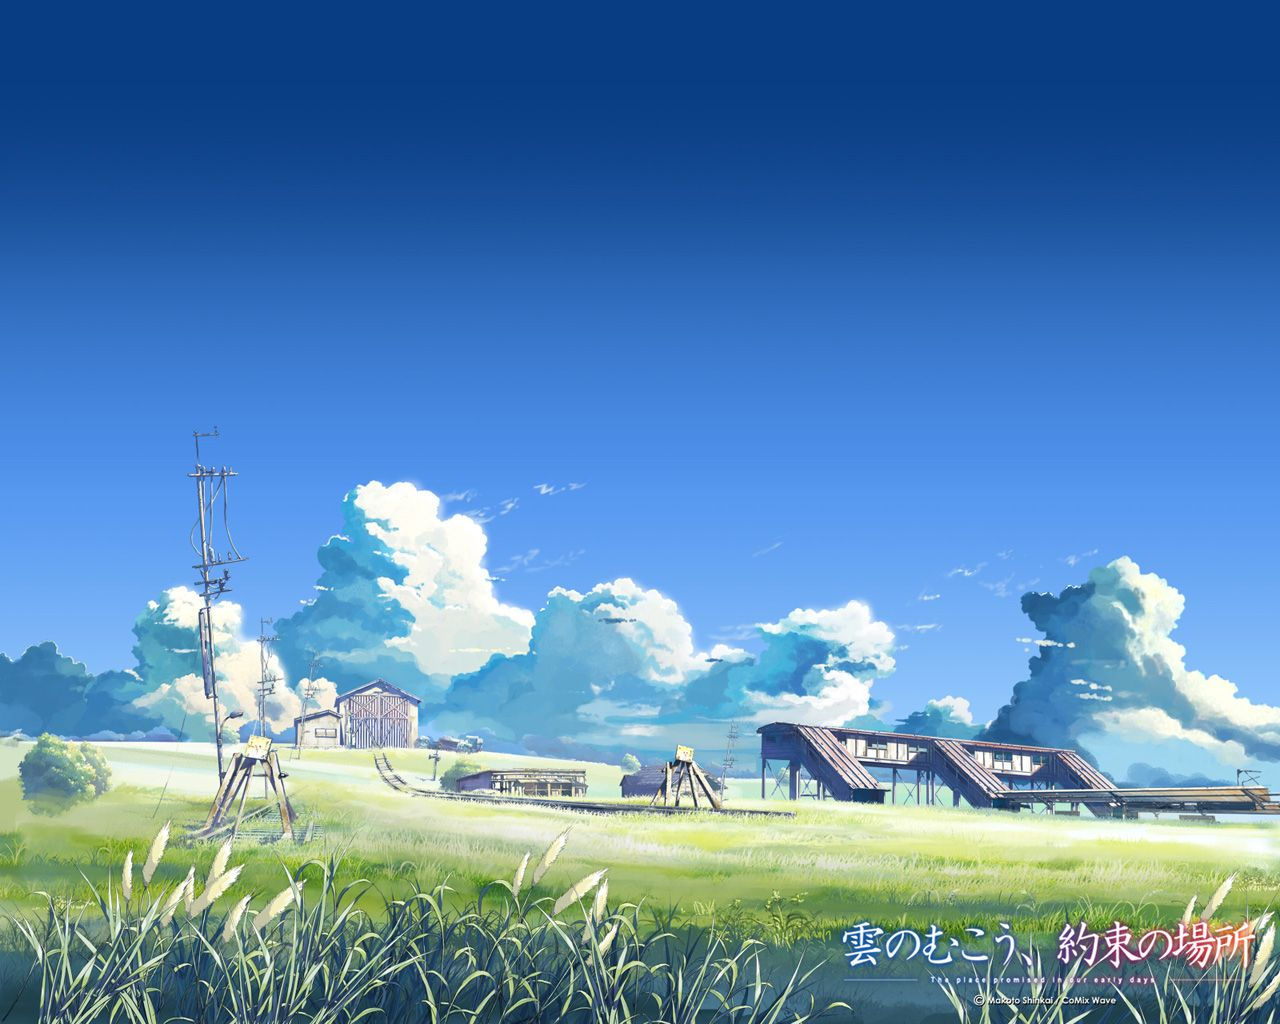 За, облоками, Unknown, anime, wallpapers, |, Аниме, обои, без, названия